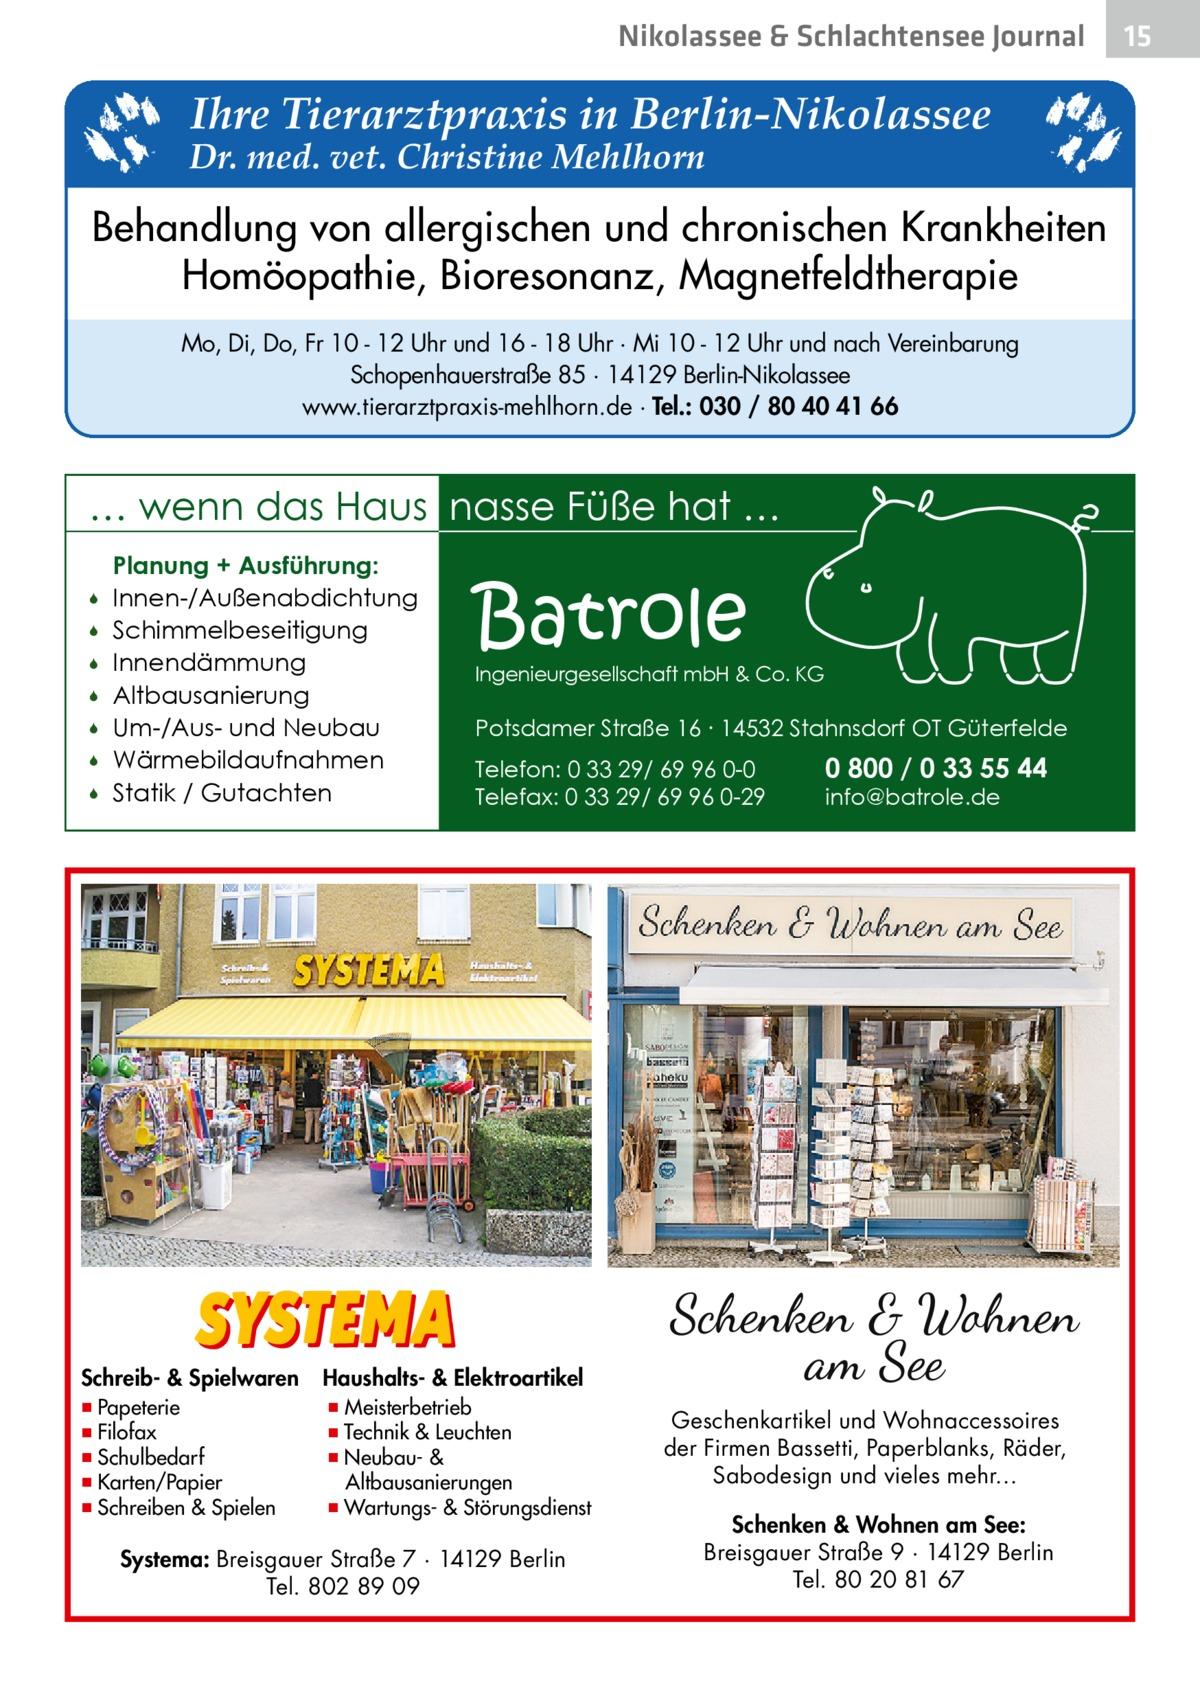 Nikolassee & Schlachtensee Journal  Ihre Tierarztpraxis in Berlin-Nikolassee  Dr. med. vet. Christine Mehlhorn  Behandlung von allergischen und chronischen Krankheiten Homöopathie, Bioresonanz, Magnetfeldtherapie Mo, Di, Do, Fr 10 - 12 Uhr und 16 - 18 Uhr · Mi 10 - 12 Uhr und nach Vereinbarung Schopenhauerstraße 85 · 14129 Berlin-Nikolassee www.tierarztpraxis-mehlhorn.de · Tel.: 030 / 80 40 41 66  … wenn das Haus nasse Füße hat …         Planung + Ausführung: Innen-/Außenabdichtung Schimmelbeseitigung Innendämmung Altbausanierung Um-/Aus- und Neubau Wärmebildaufnahmen Statik / Gutachten  Schreib- & Spielwaren  ▪ Papeterie ▪ Filofax ▪ Schulbedarf ▪ Karten/Papier ▪ Schreiben & Spielen  Batrole  Ingenieurgesellschaft mbH & Co. KG  Potsdamer Straße 16 ∙ 14532 Stahnsdorf OT Güterfelde Telefon: 0 33 29/ 69 96 0-0 Telefax: 0 33 29/ 69 96 0-29  0 800 / 0 33 55 44 info@batrole.de  Haushalts- & Elektroartikel  ▪ Meisterbetrieb ▪ Technik & Leuchten ▪ Neubau- & Altbausanierungen ▪ Wartungs- & Störungsdienst  Systema: Breisgauer Straße 7 · 14129 Berlin Tel. 802 89 09  Geschenkartikel und Wohnaccessoires der Firmen Bassetti, Paperblanks, Räder, Sabodesign und vieles mehr… Schenken & Wohnen am See: Breisgauer Straße 9 · 14129 Berlin Tel. 80 20 81 67  15